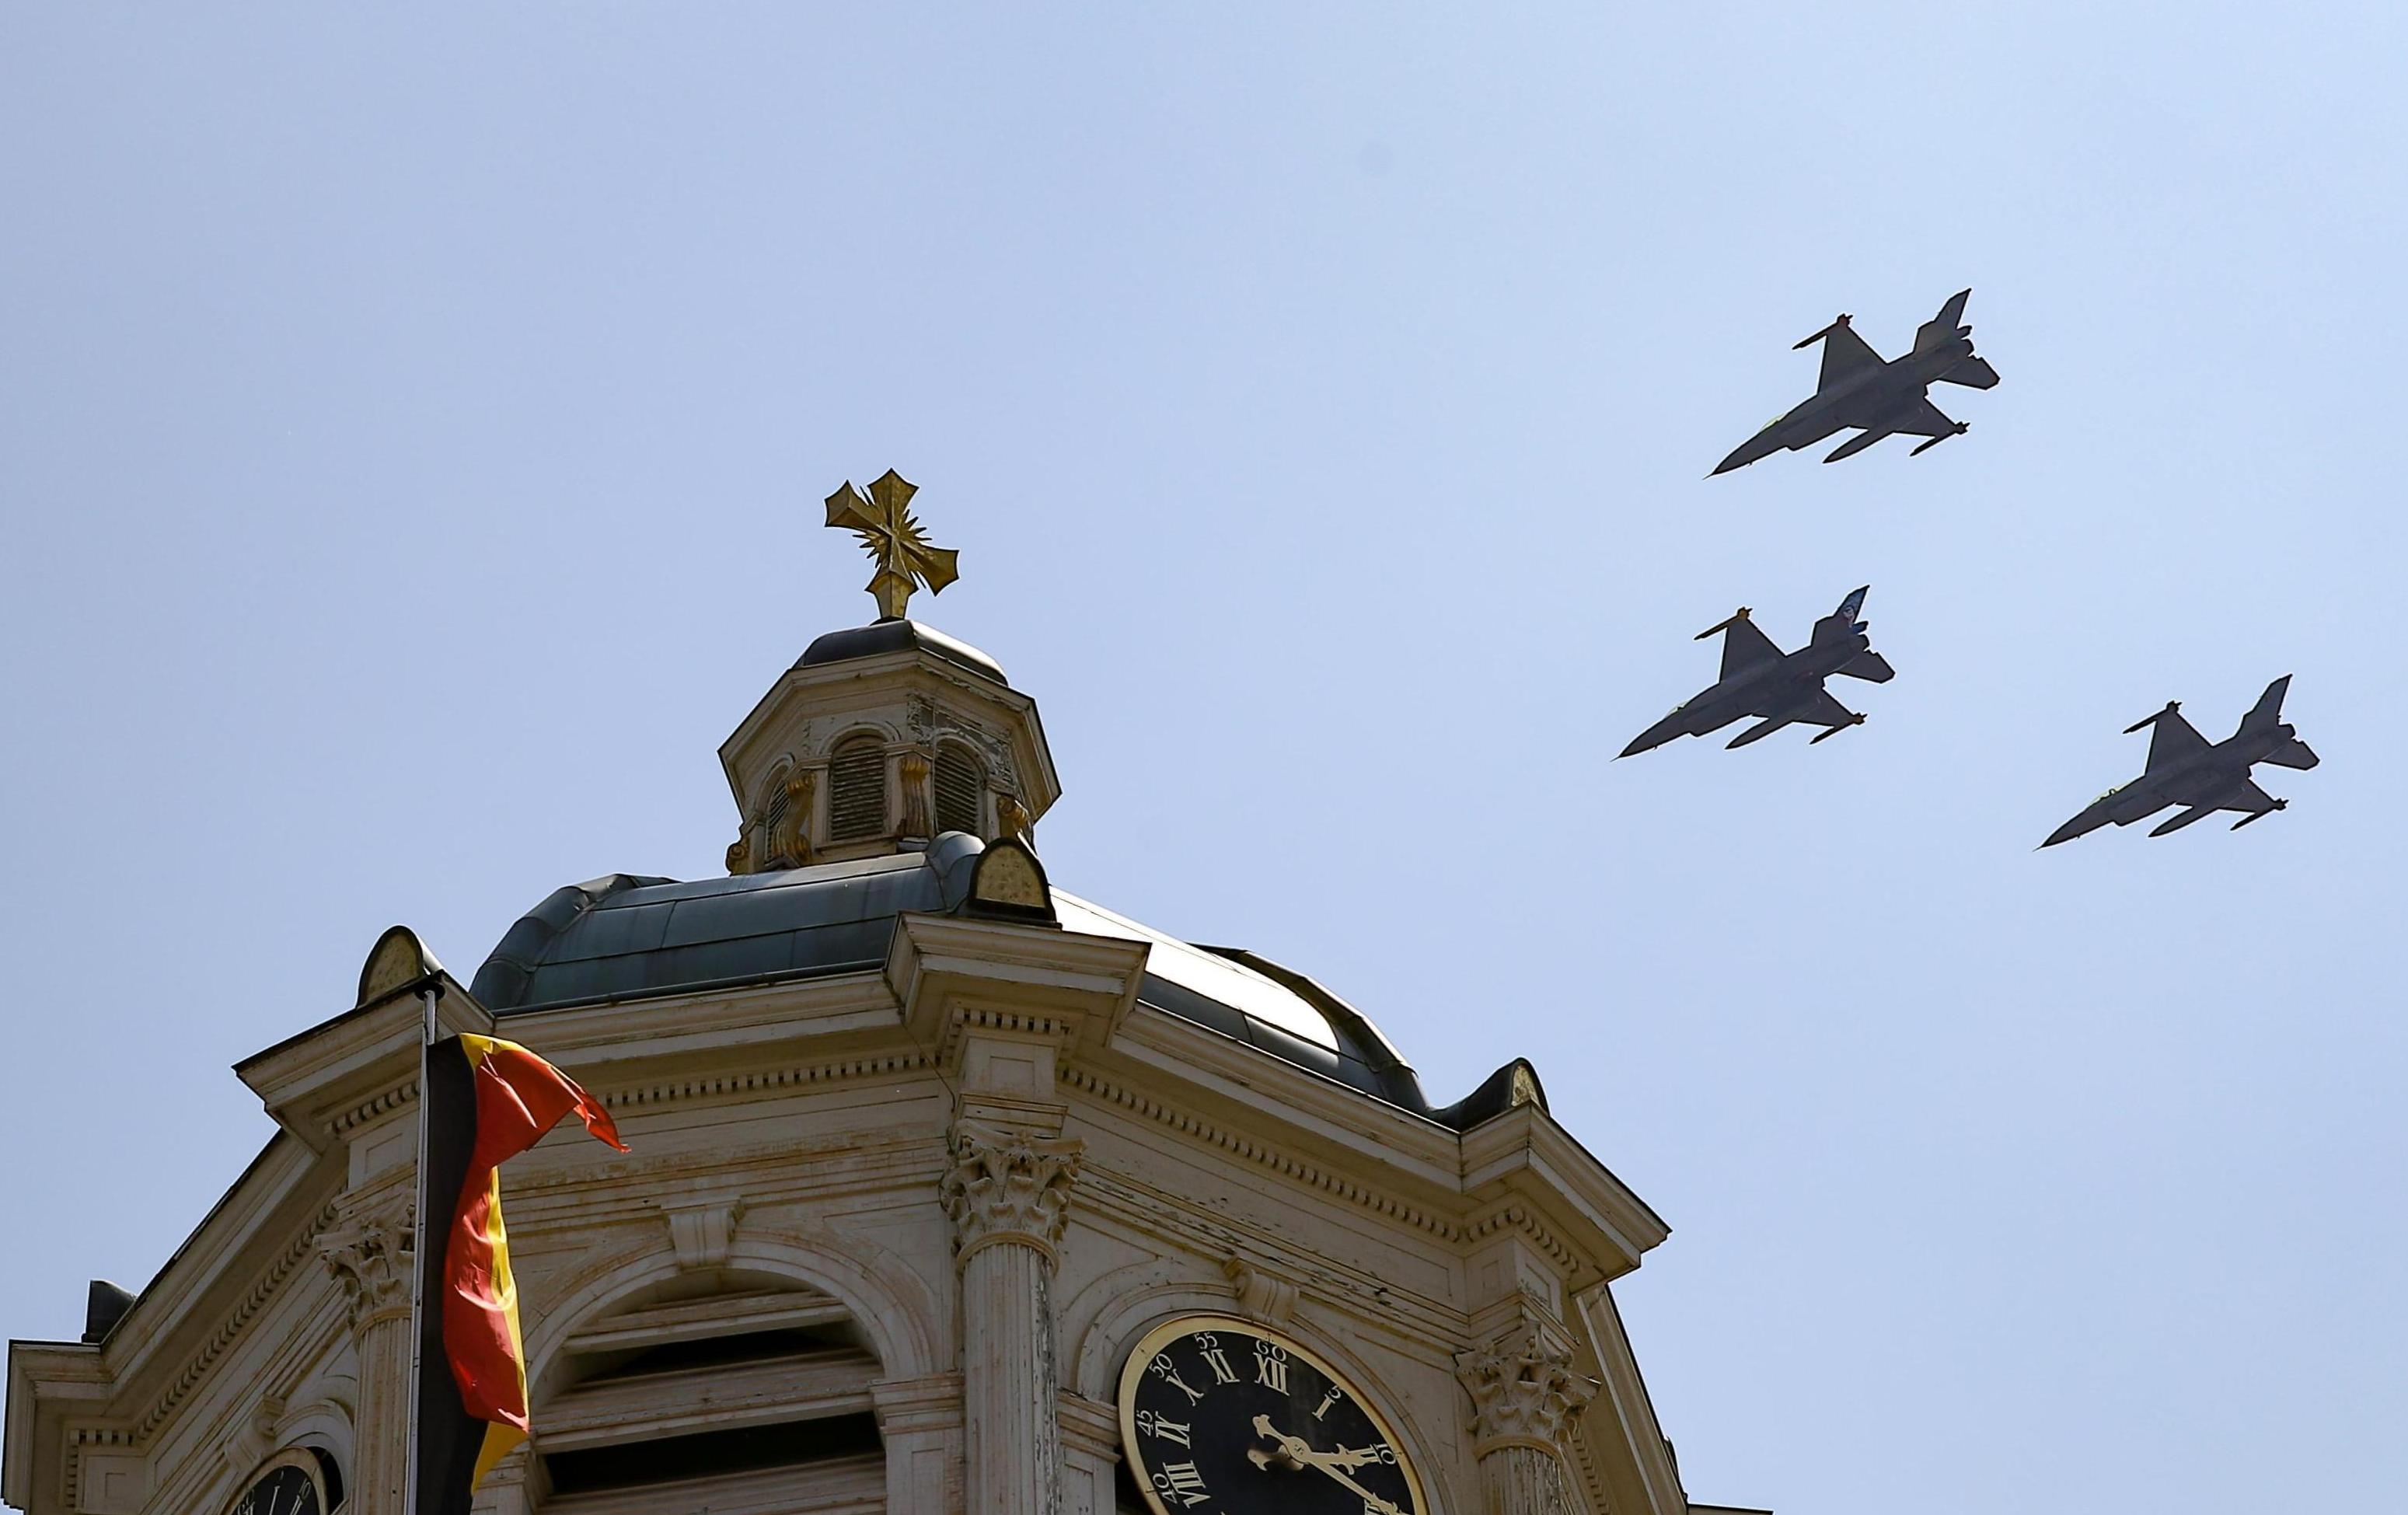 7月21日,參加國慶閱兵式的空中編隊飛過比利時布魯塞爾上空。(新華社)